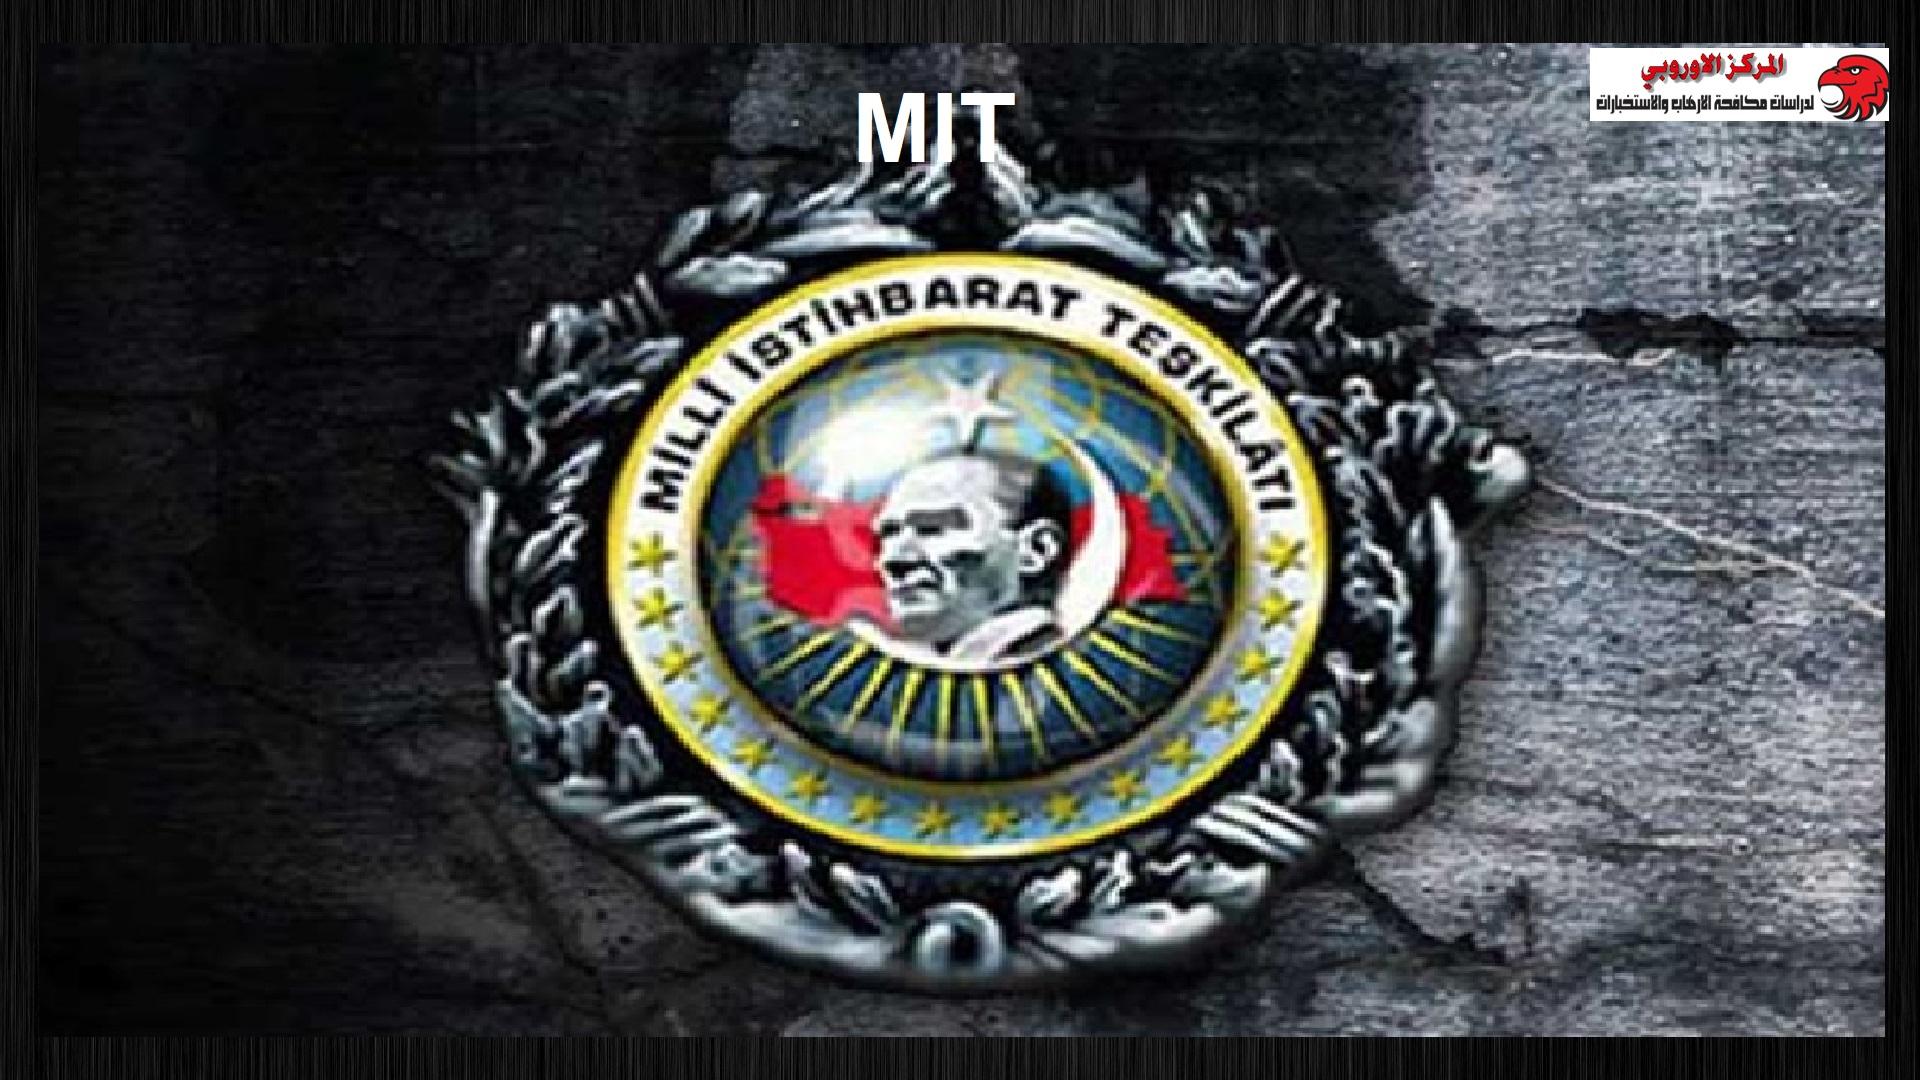 قائمة المنظمات والجمعيات التي تتخذها الإستخبارات التركية واجهات عمل في المانيا